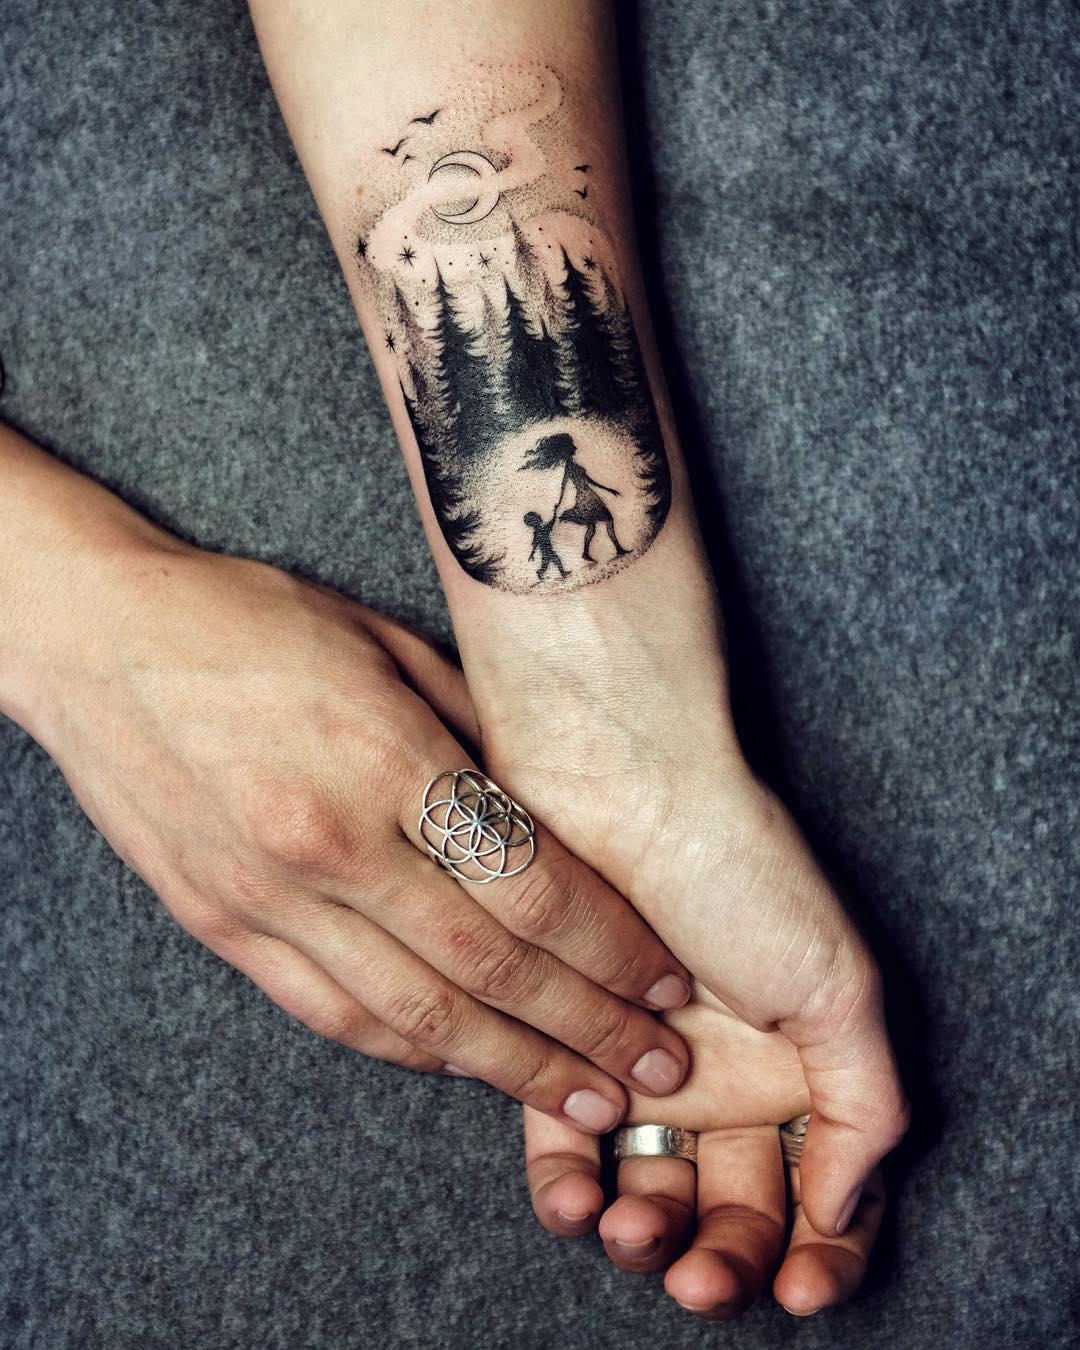 Tatuaż Na Nadgarstku 22 Pomysłów Na Stylowy Tatuaż